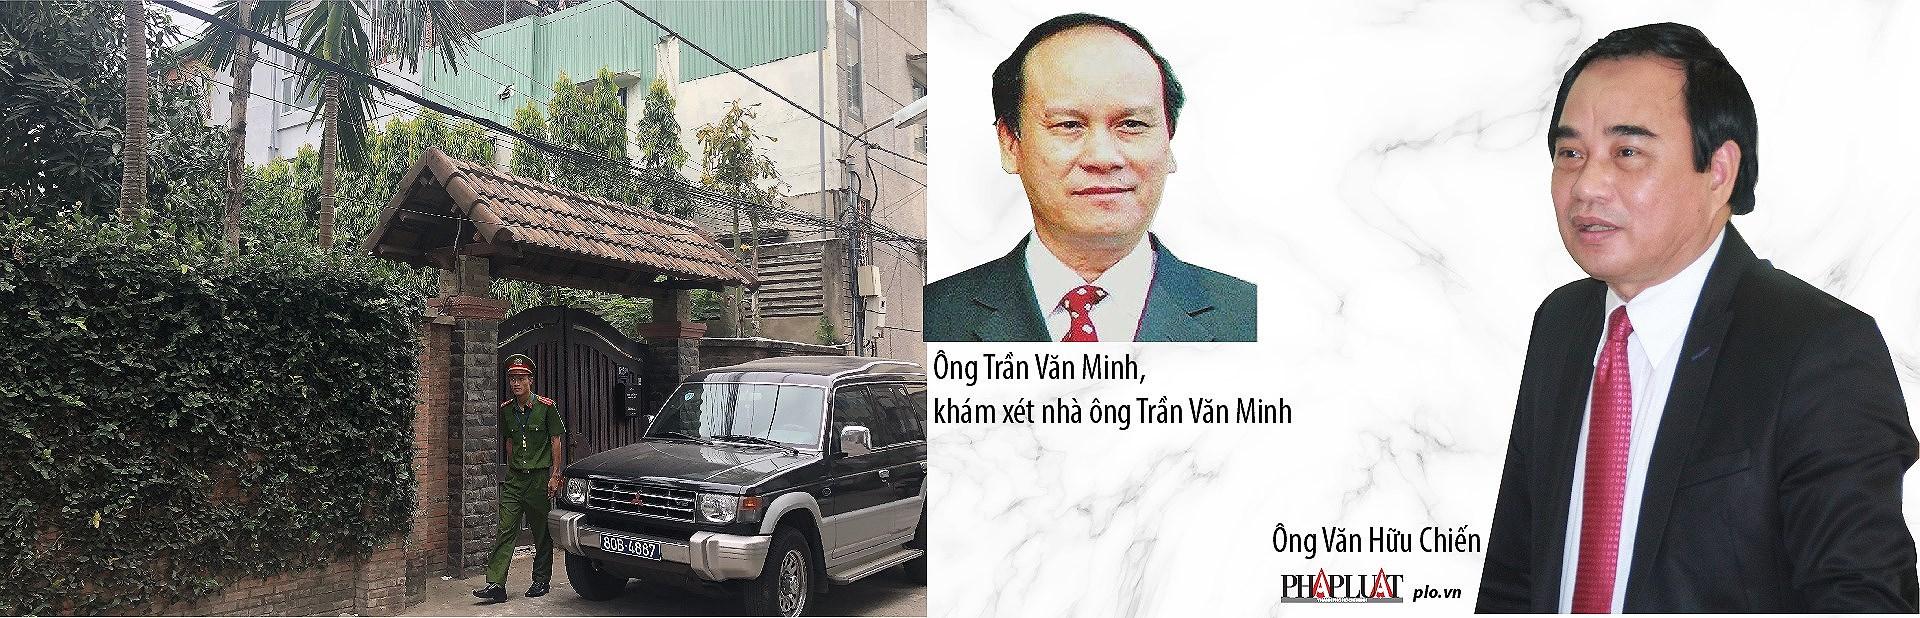 Đà Nẵng qua một năm sóng gió - ảnh 8